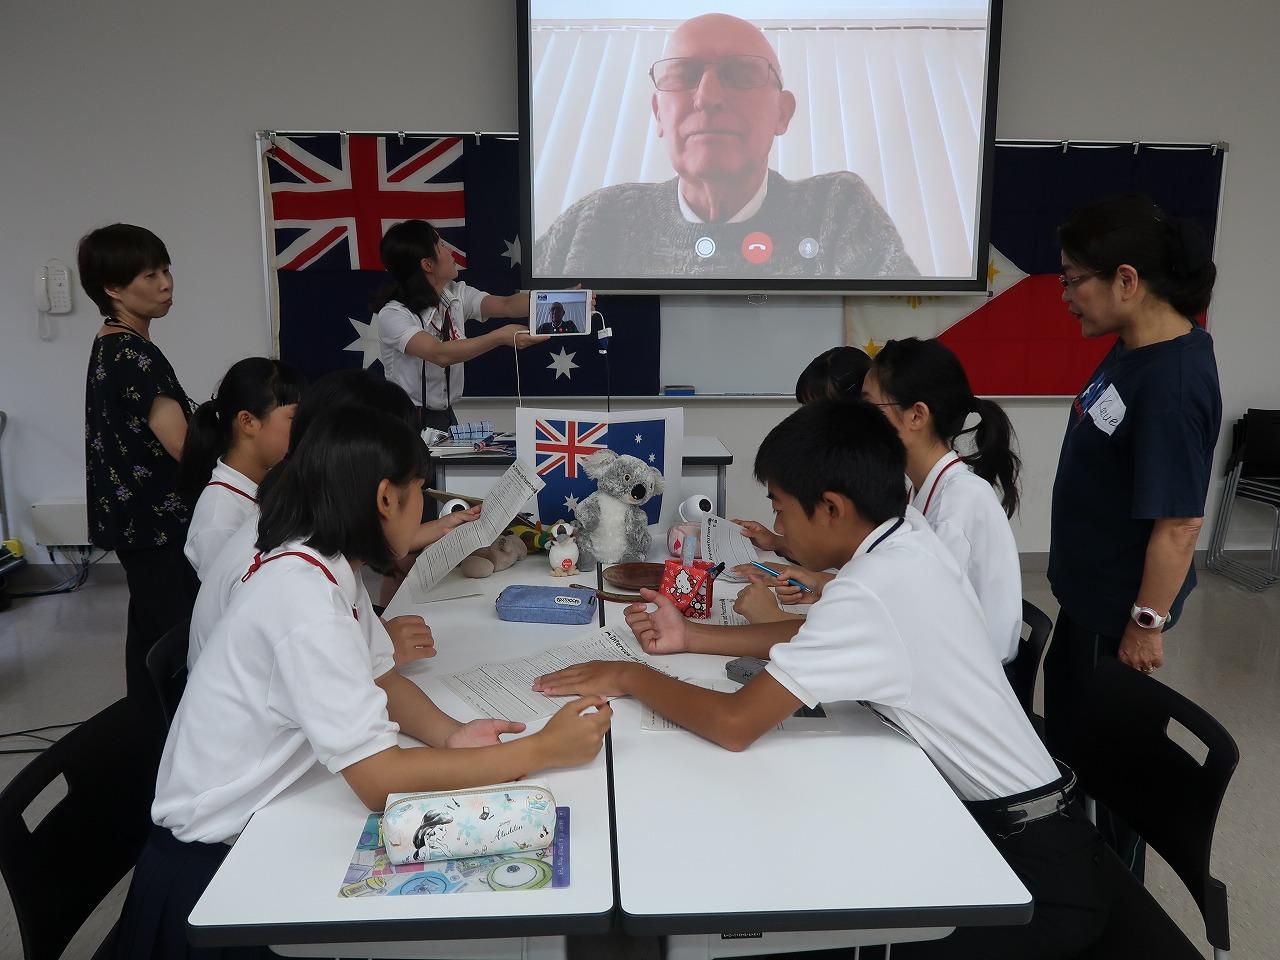 鞆中学校へ、観光ボランティアガイド育成のための「英会話特別授業」を支援